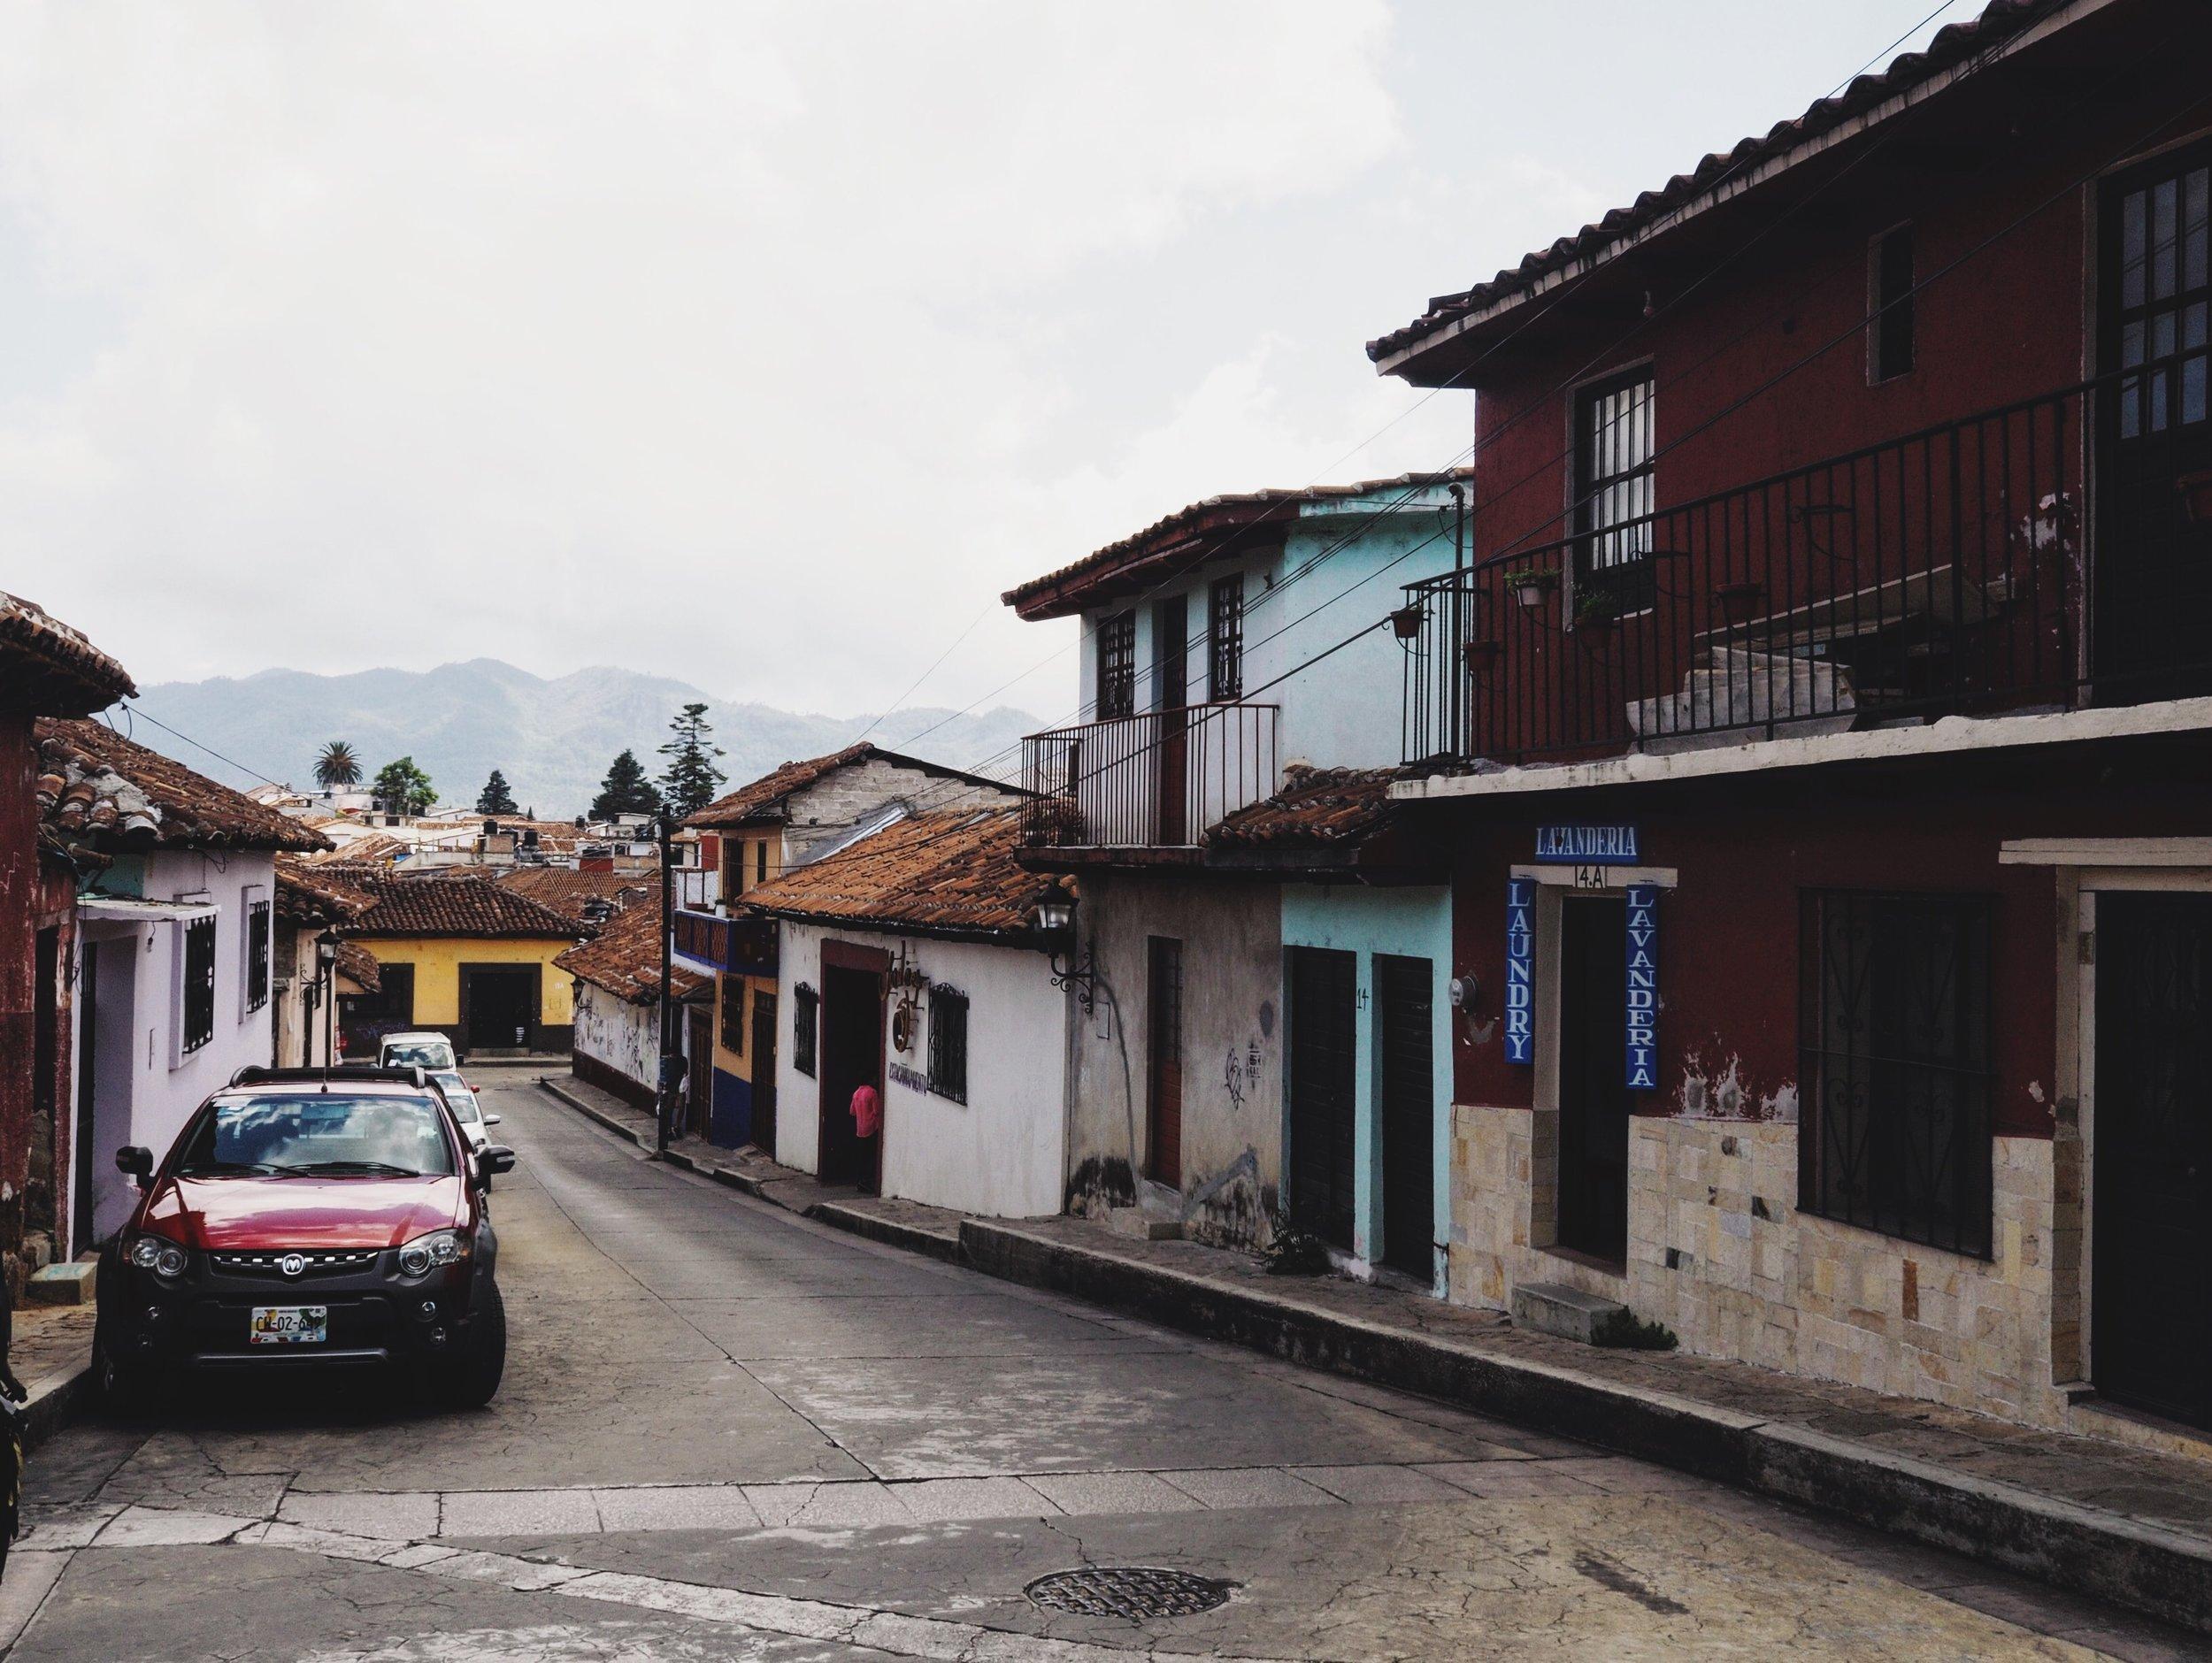 Wandering in San Cristóbal on an overcast day